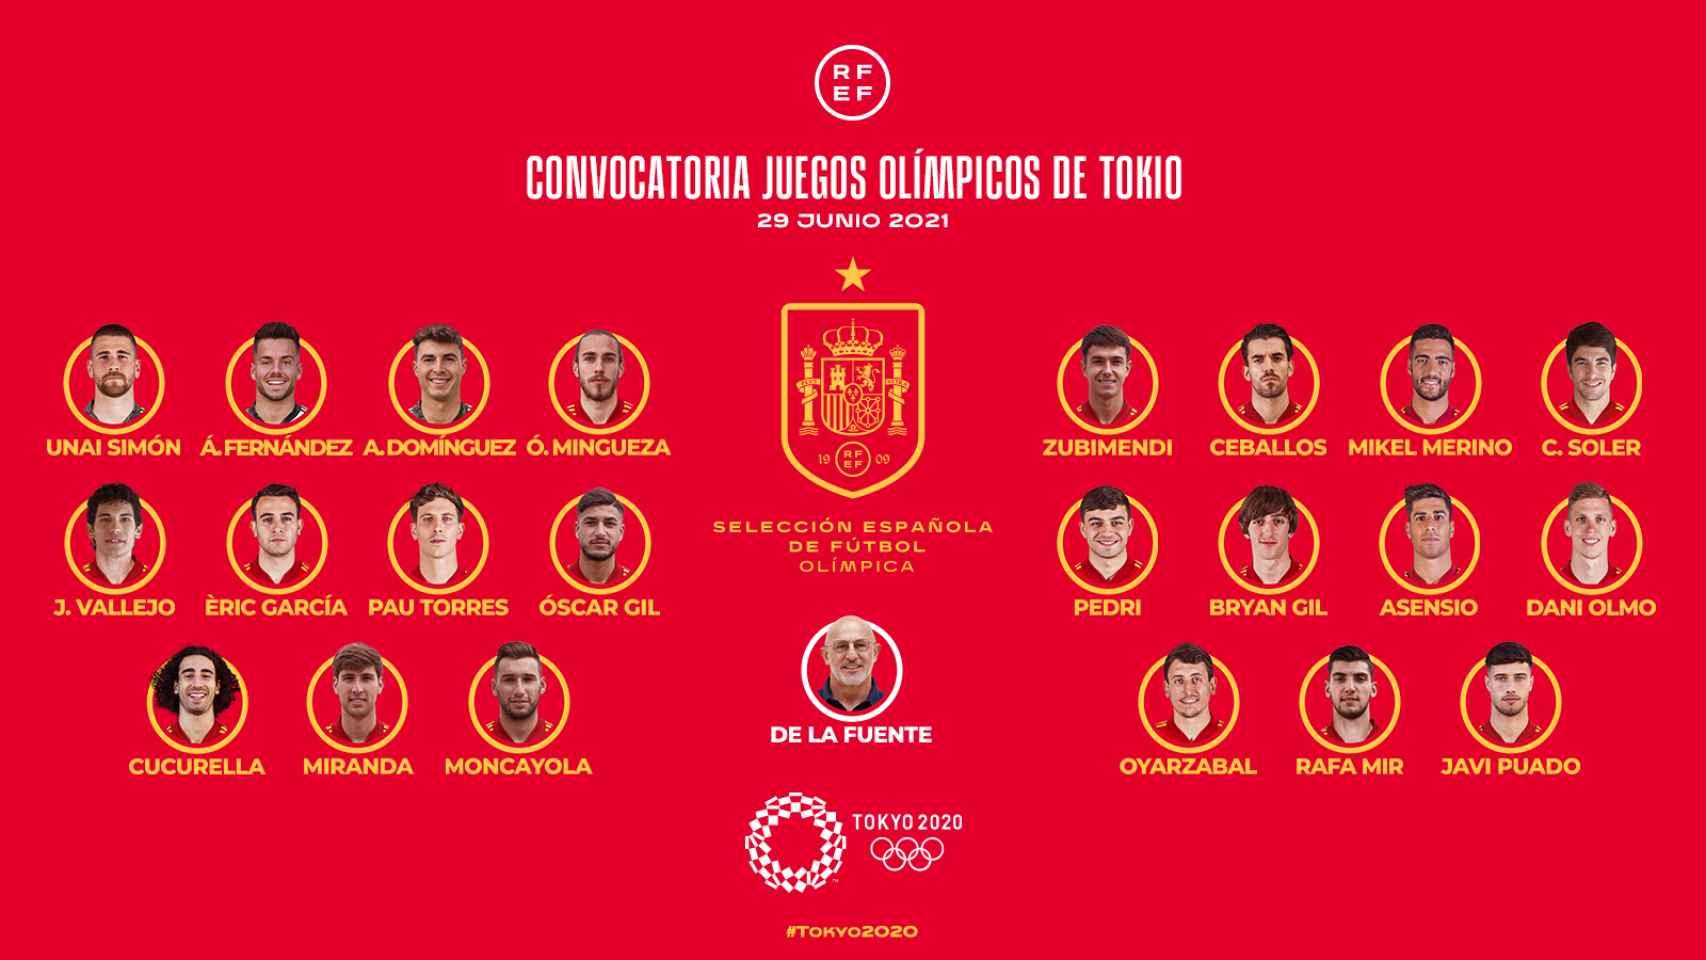 Convocatoria de España para los Juegos de Tokio